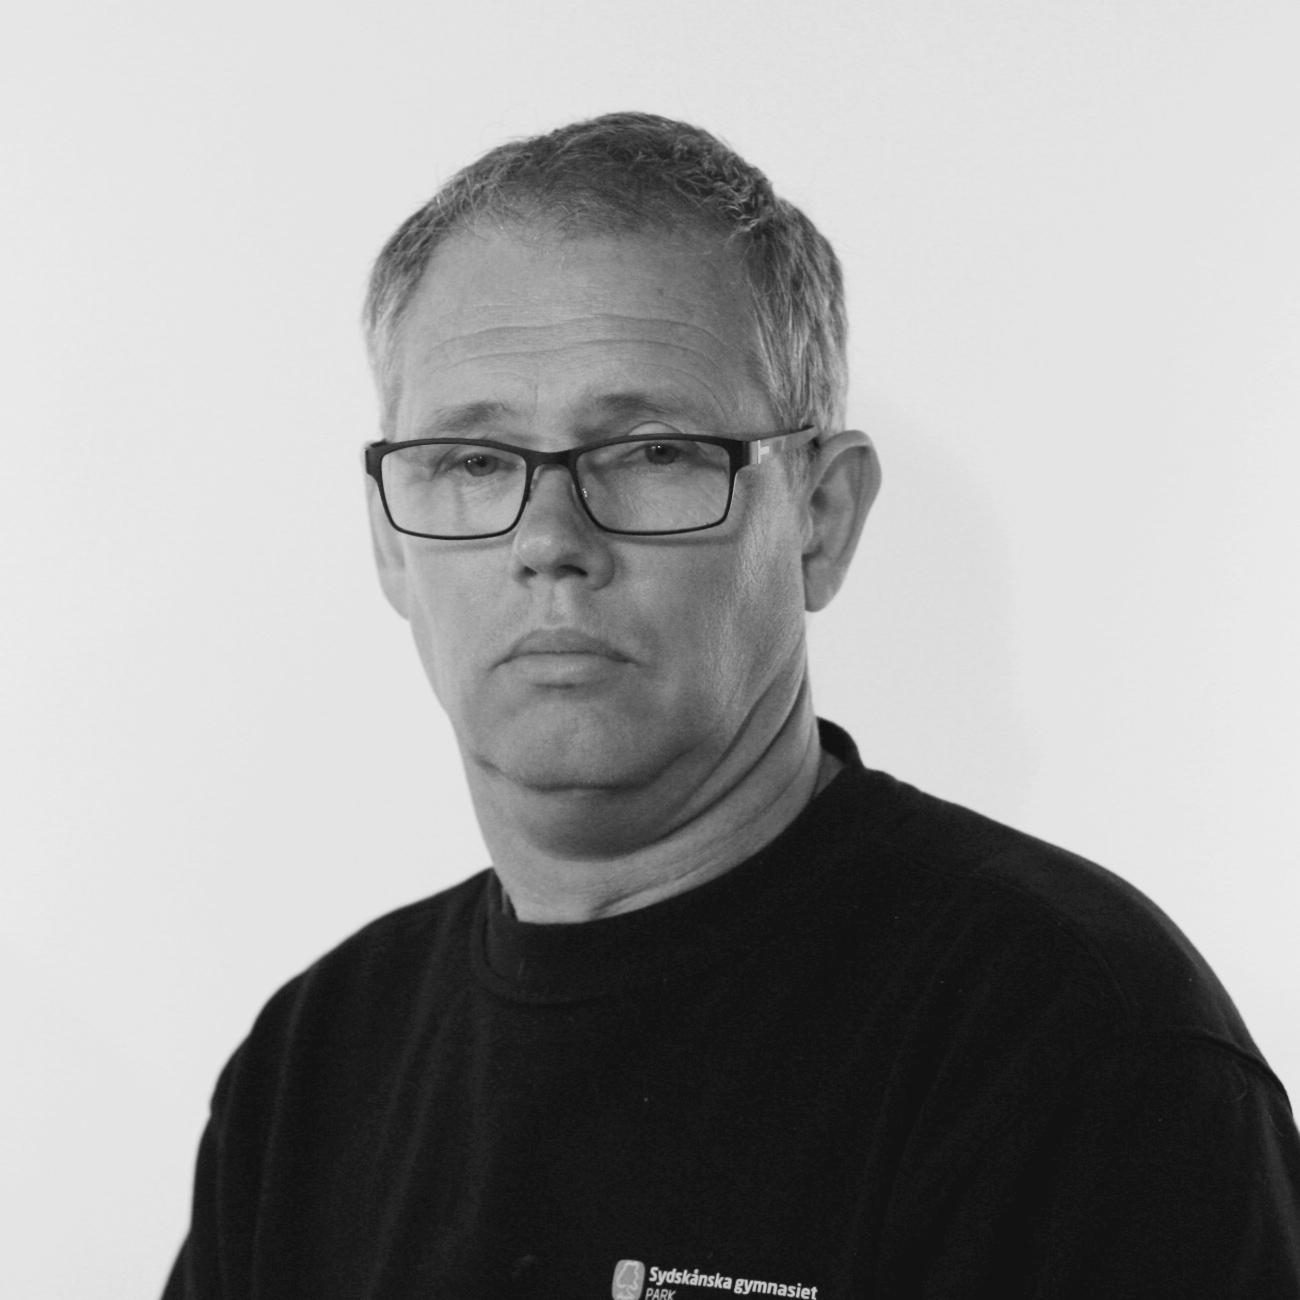 Stefan Kronvall